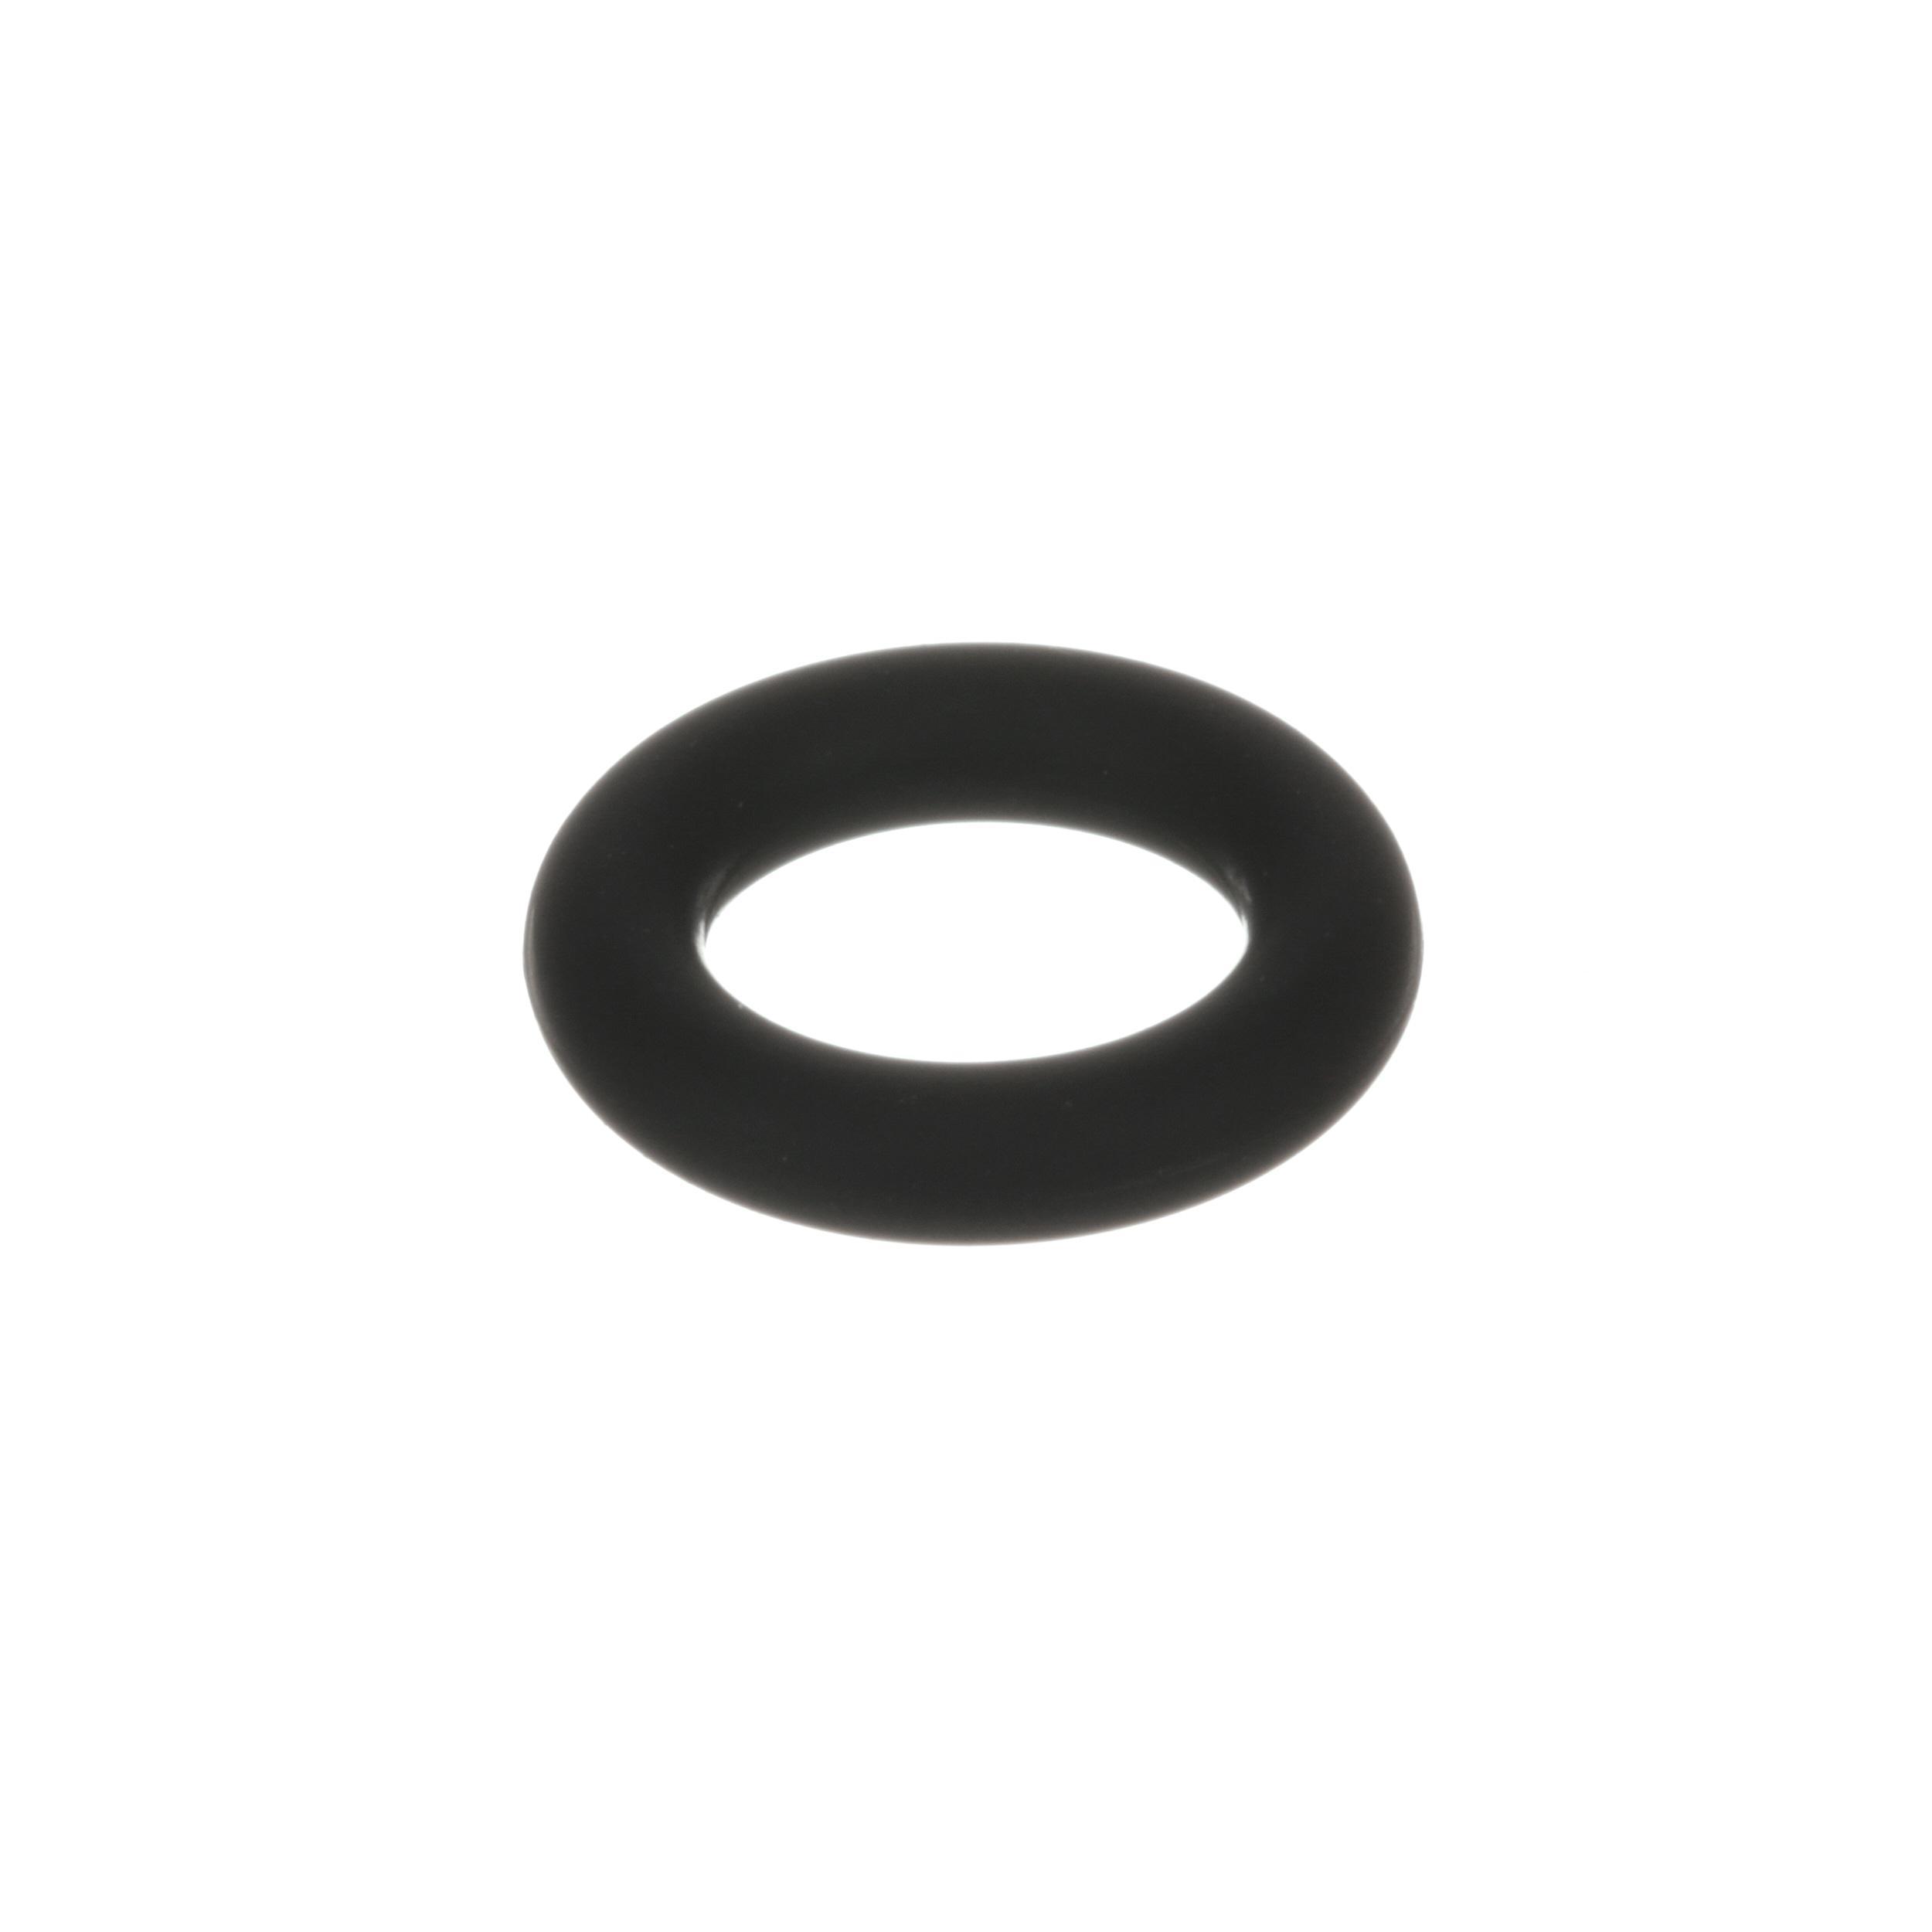 LANCER O-RING,2-009,97-0999